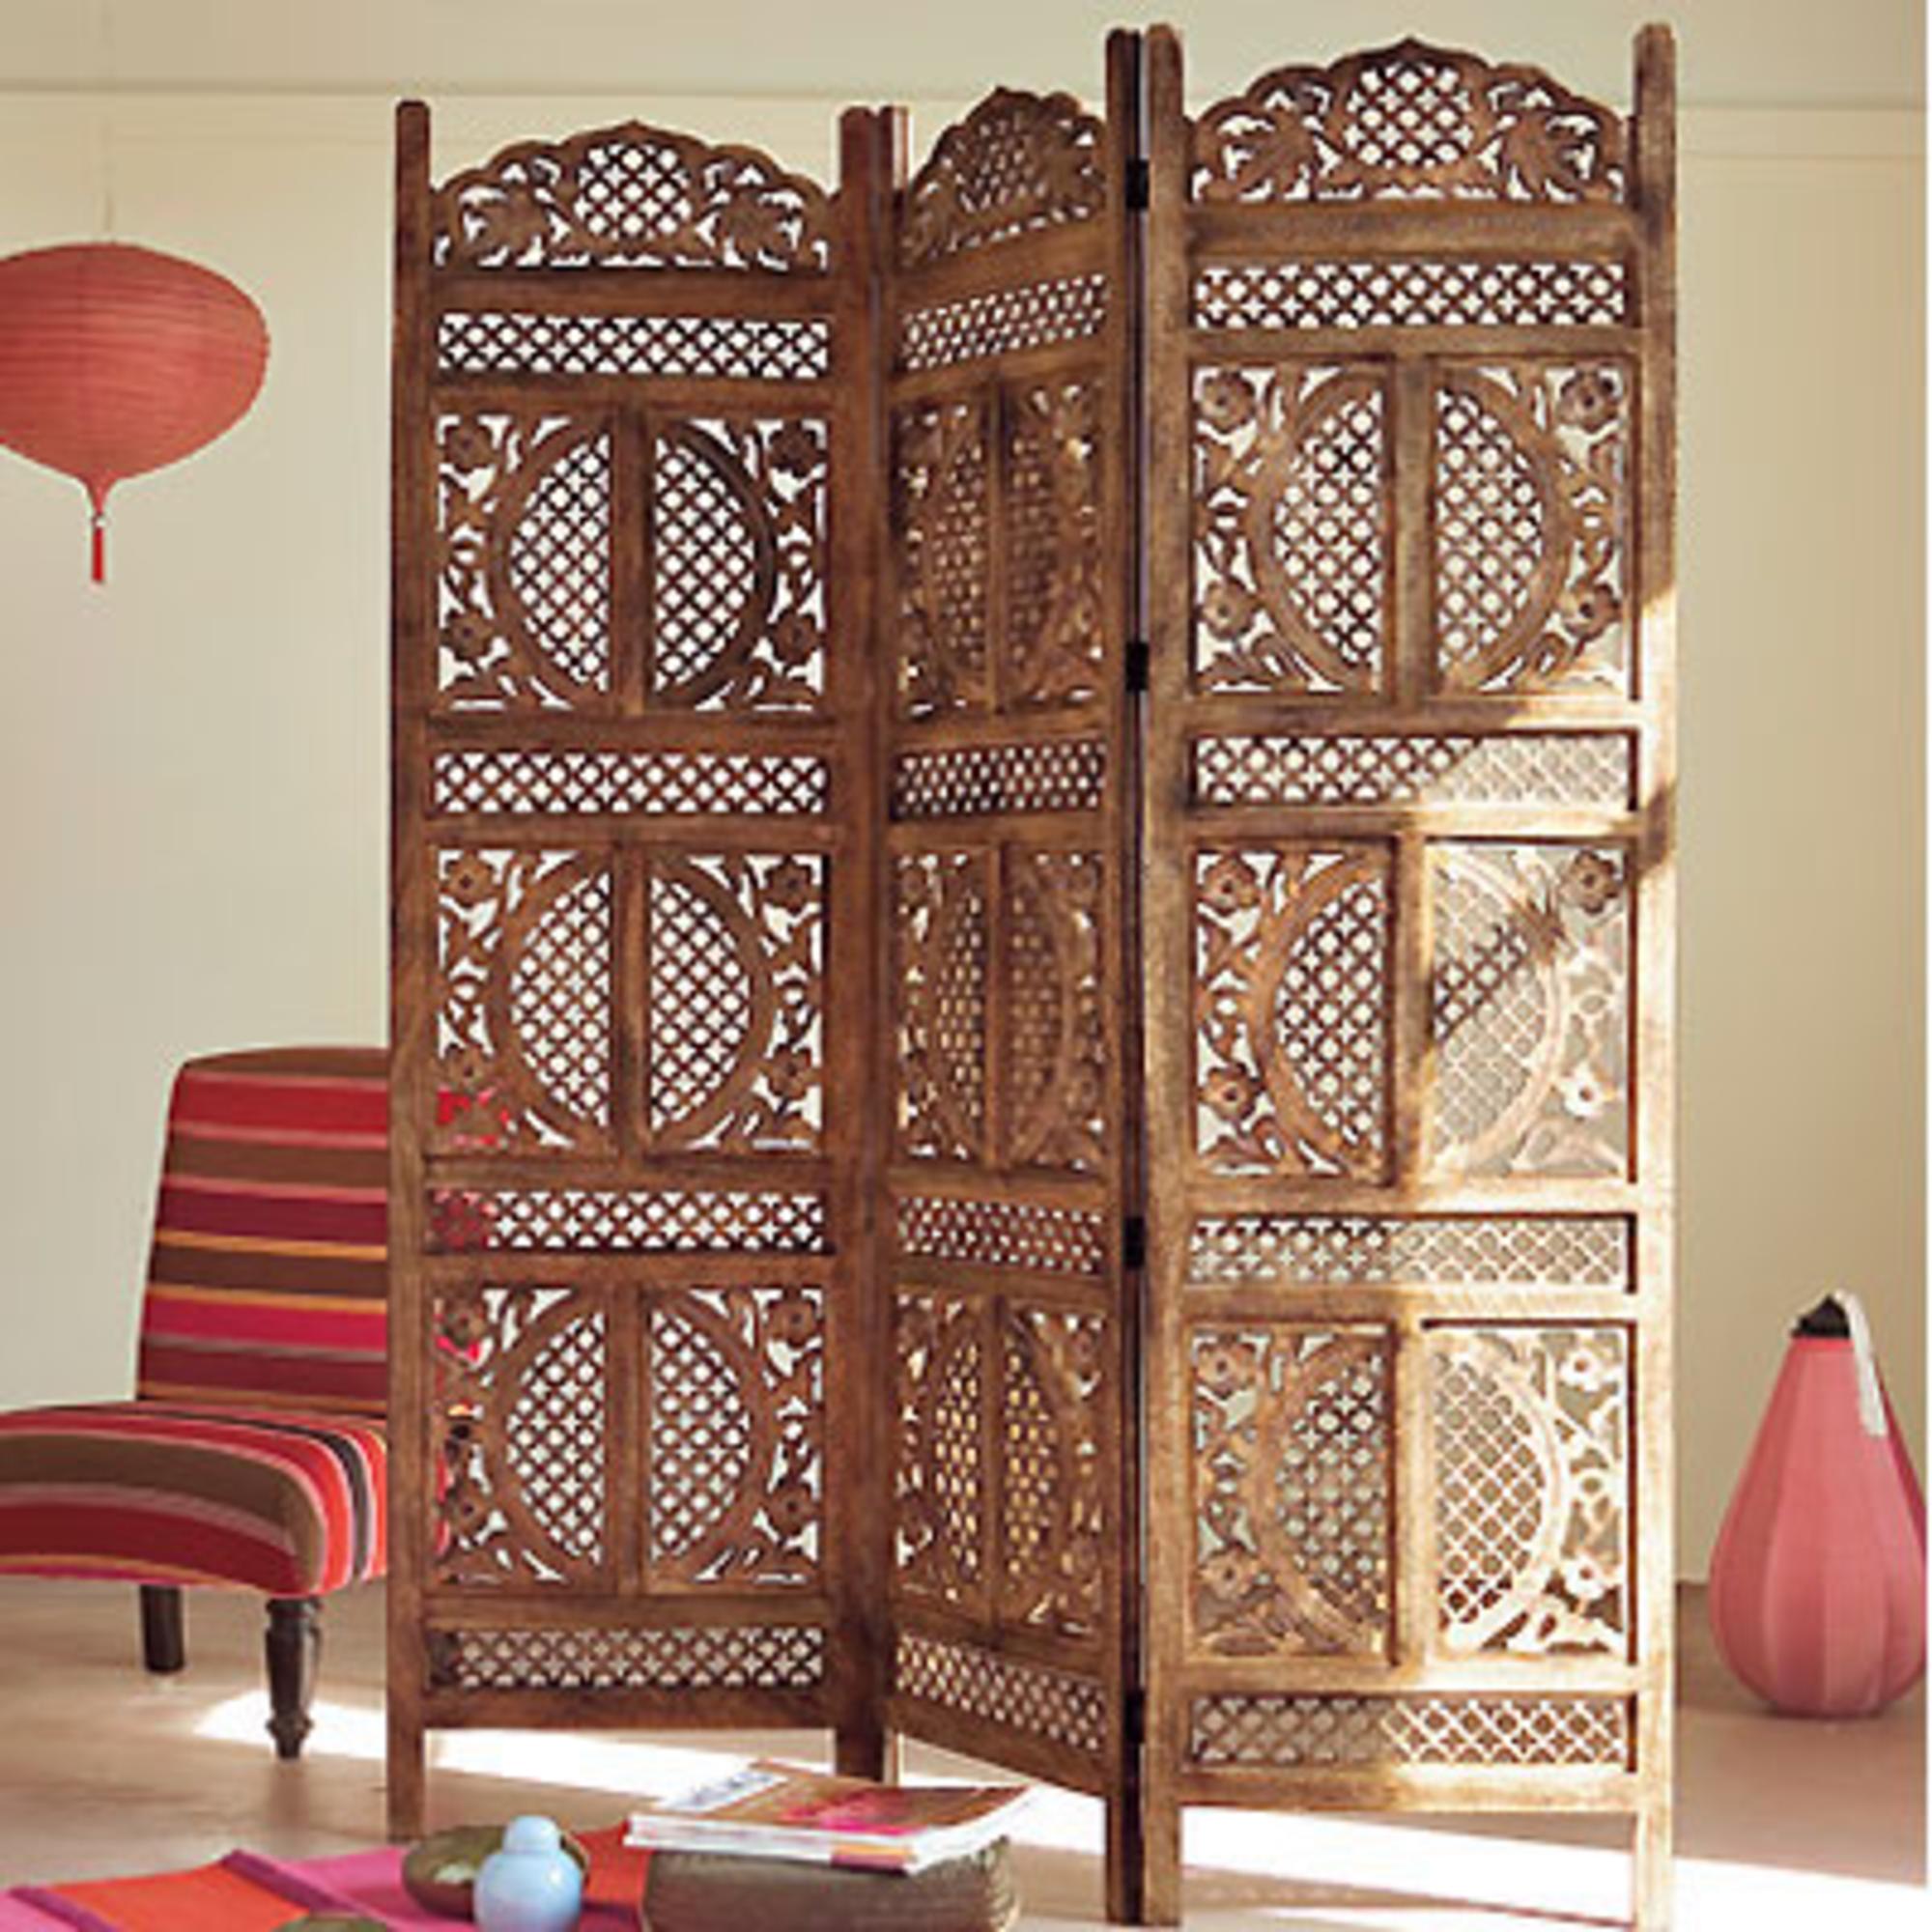 paravent vasanti naturel anniversaire 40 ans acheter ce produit au meilleur prix. Black Bedroom Furniture Sets. Home Design Ideas